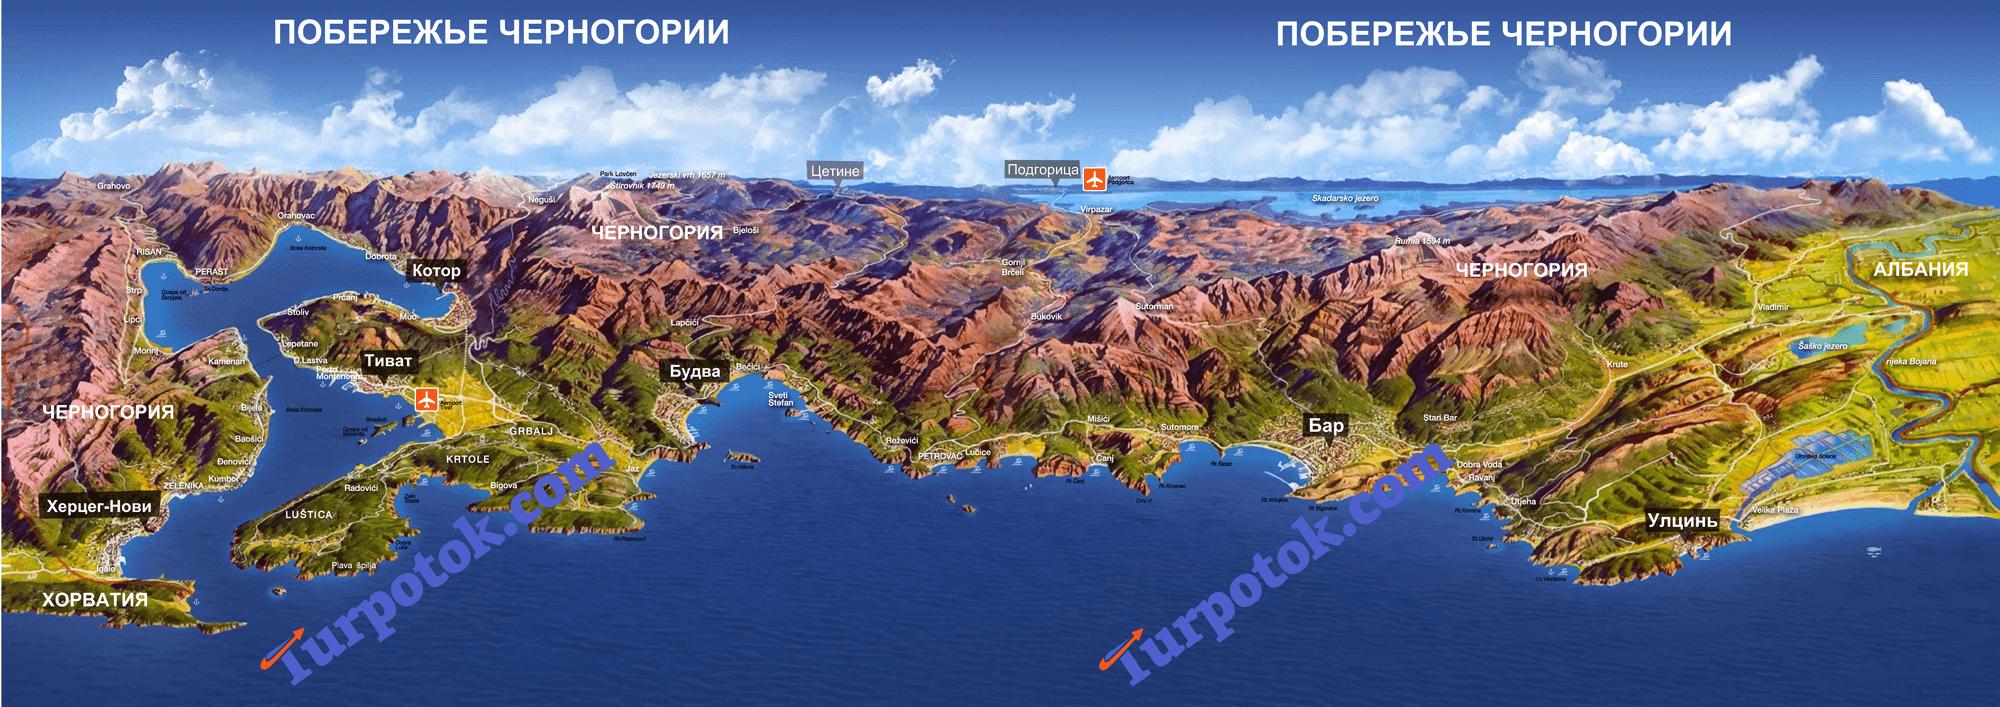 Курортные города Черногории на карте